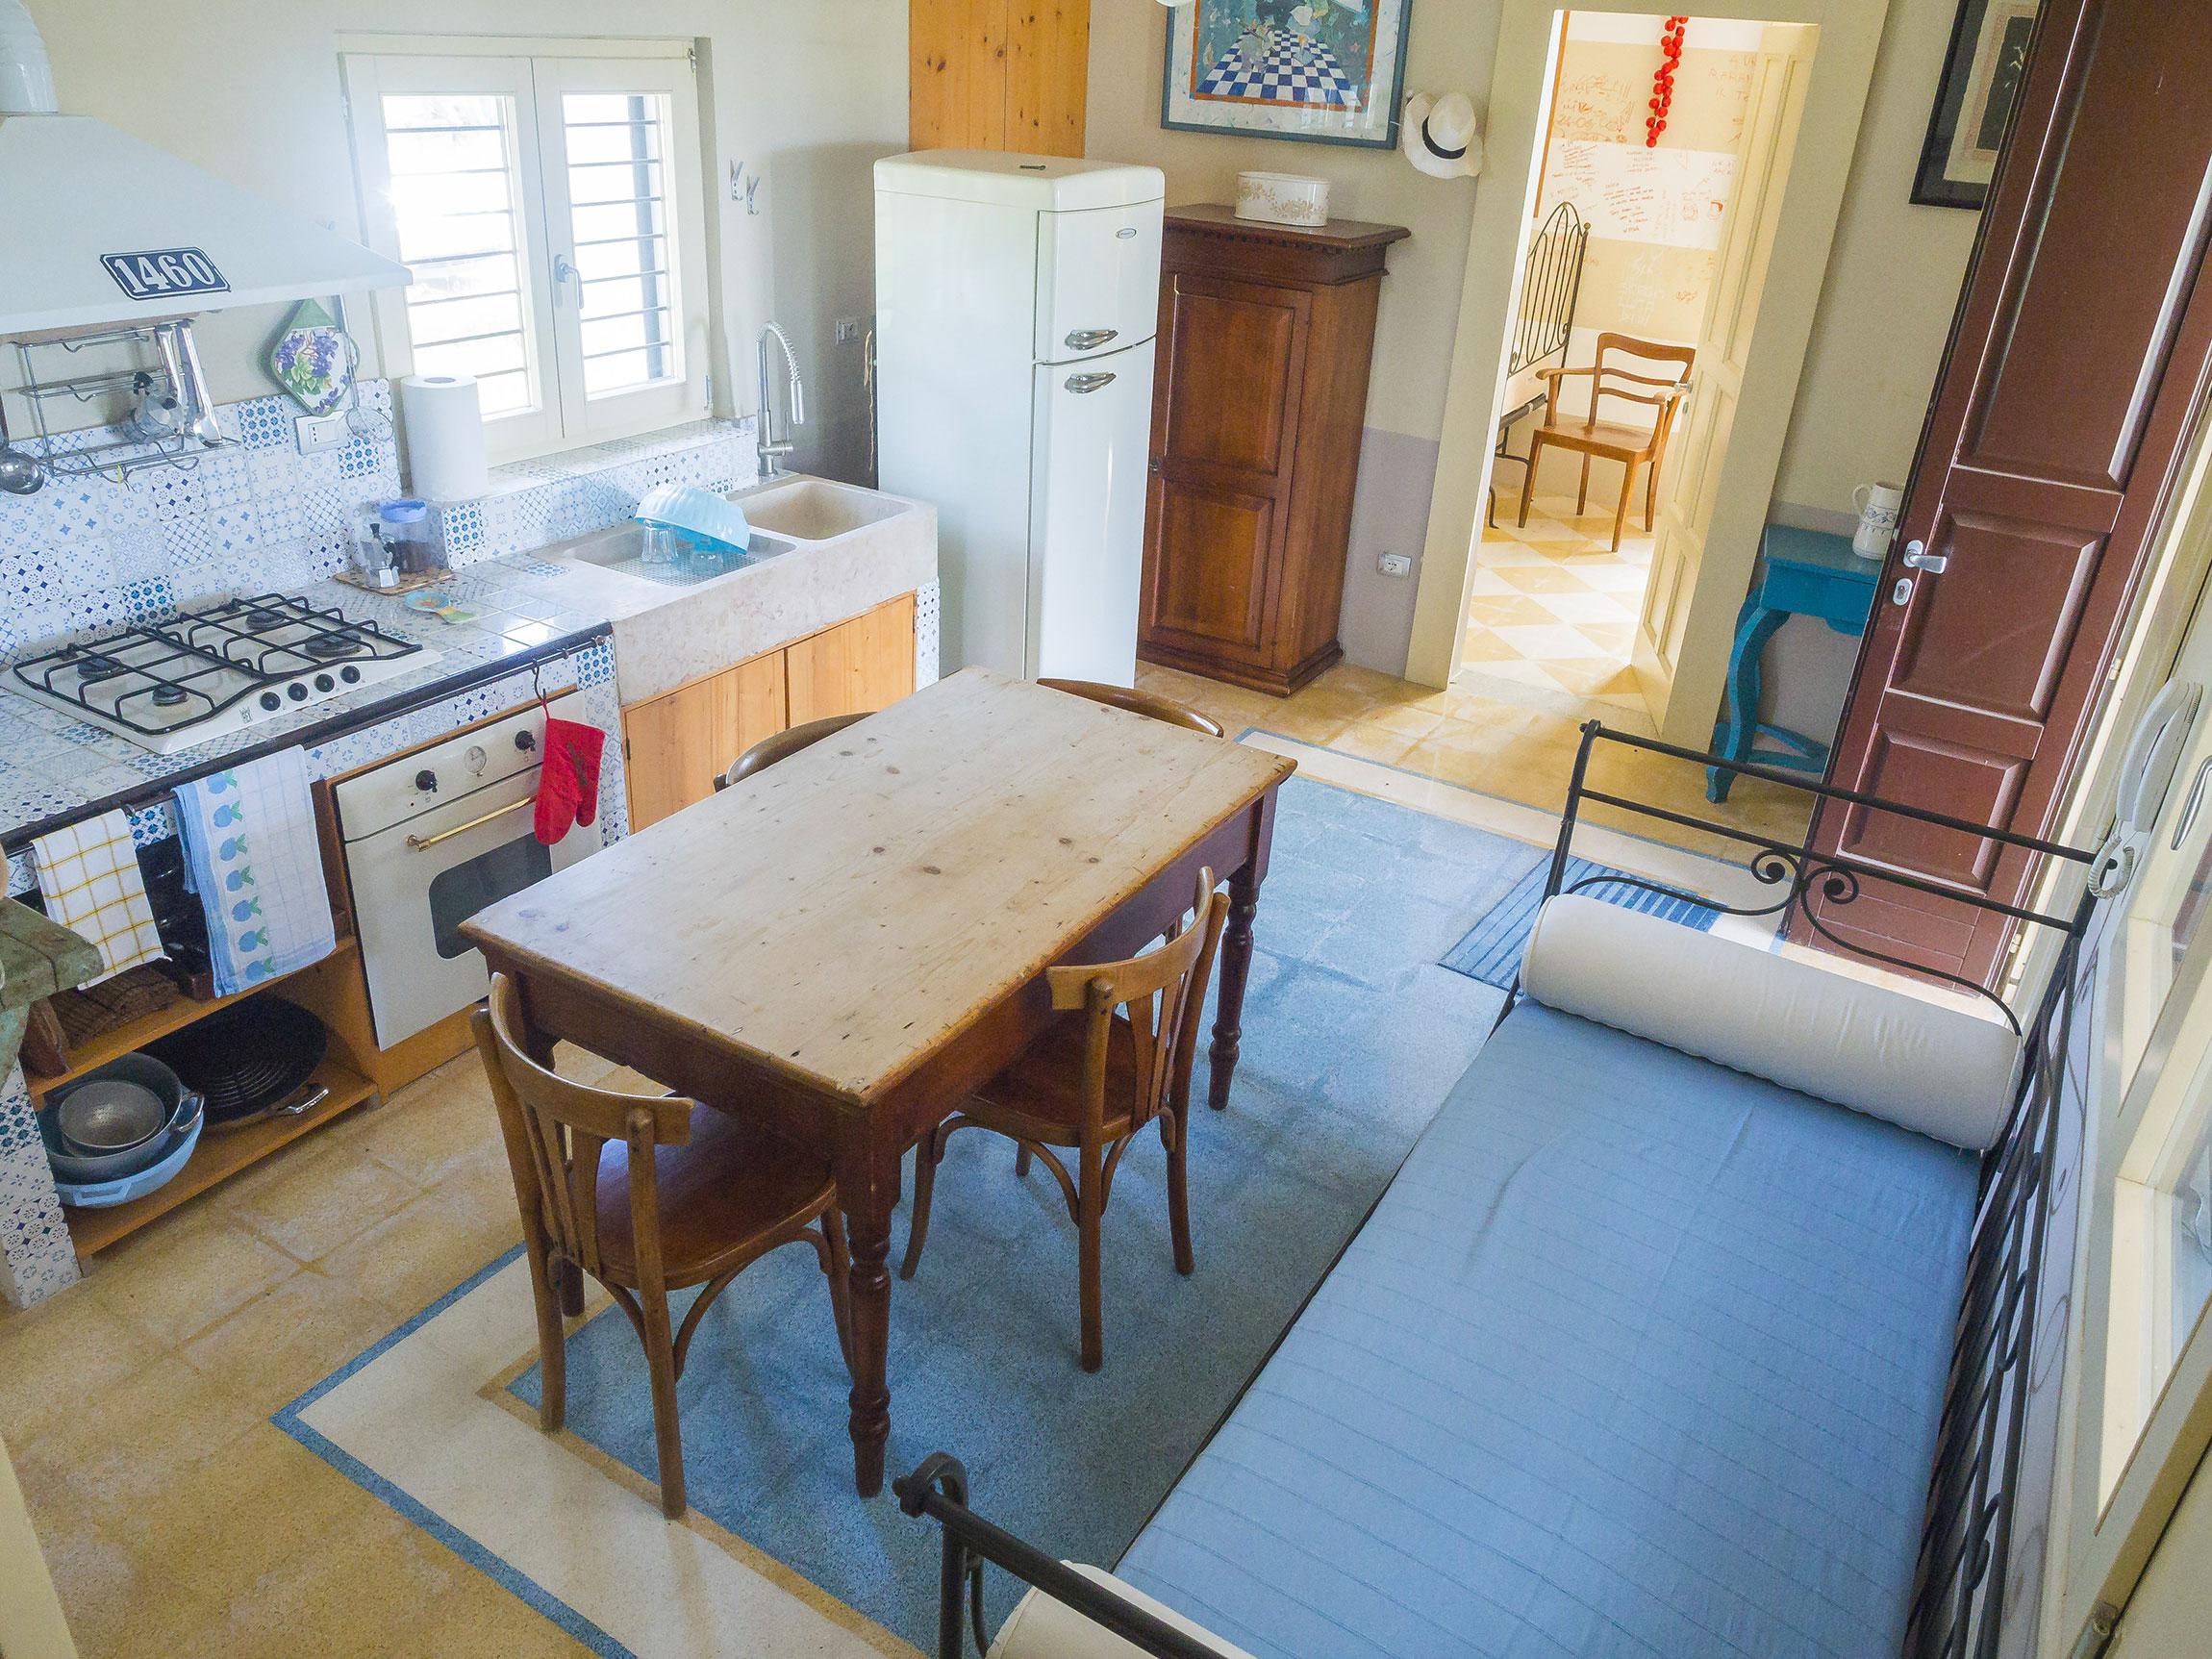 cucina con divano letto nella Tenuta delle Agavi di Made In Gallipoli